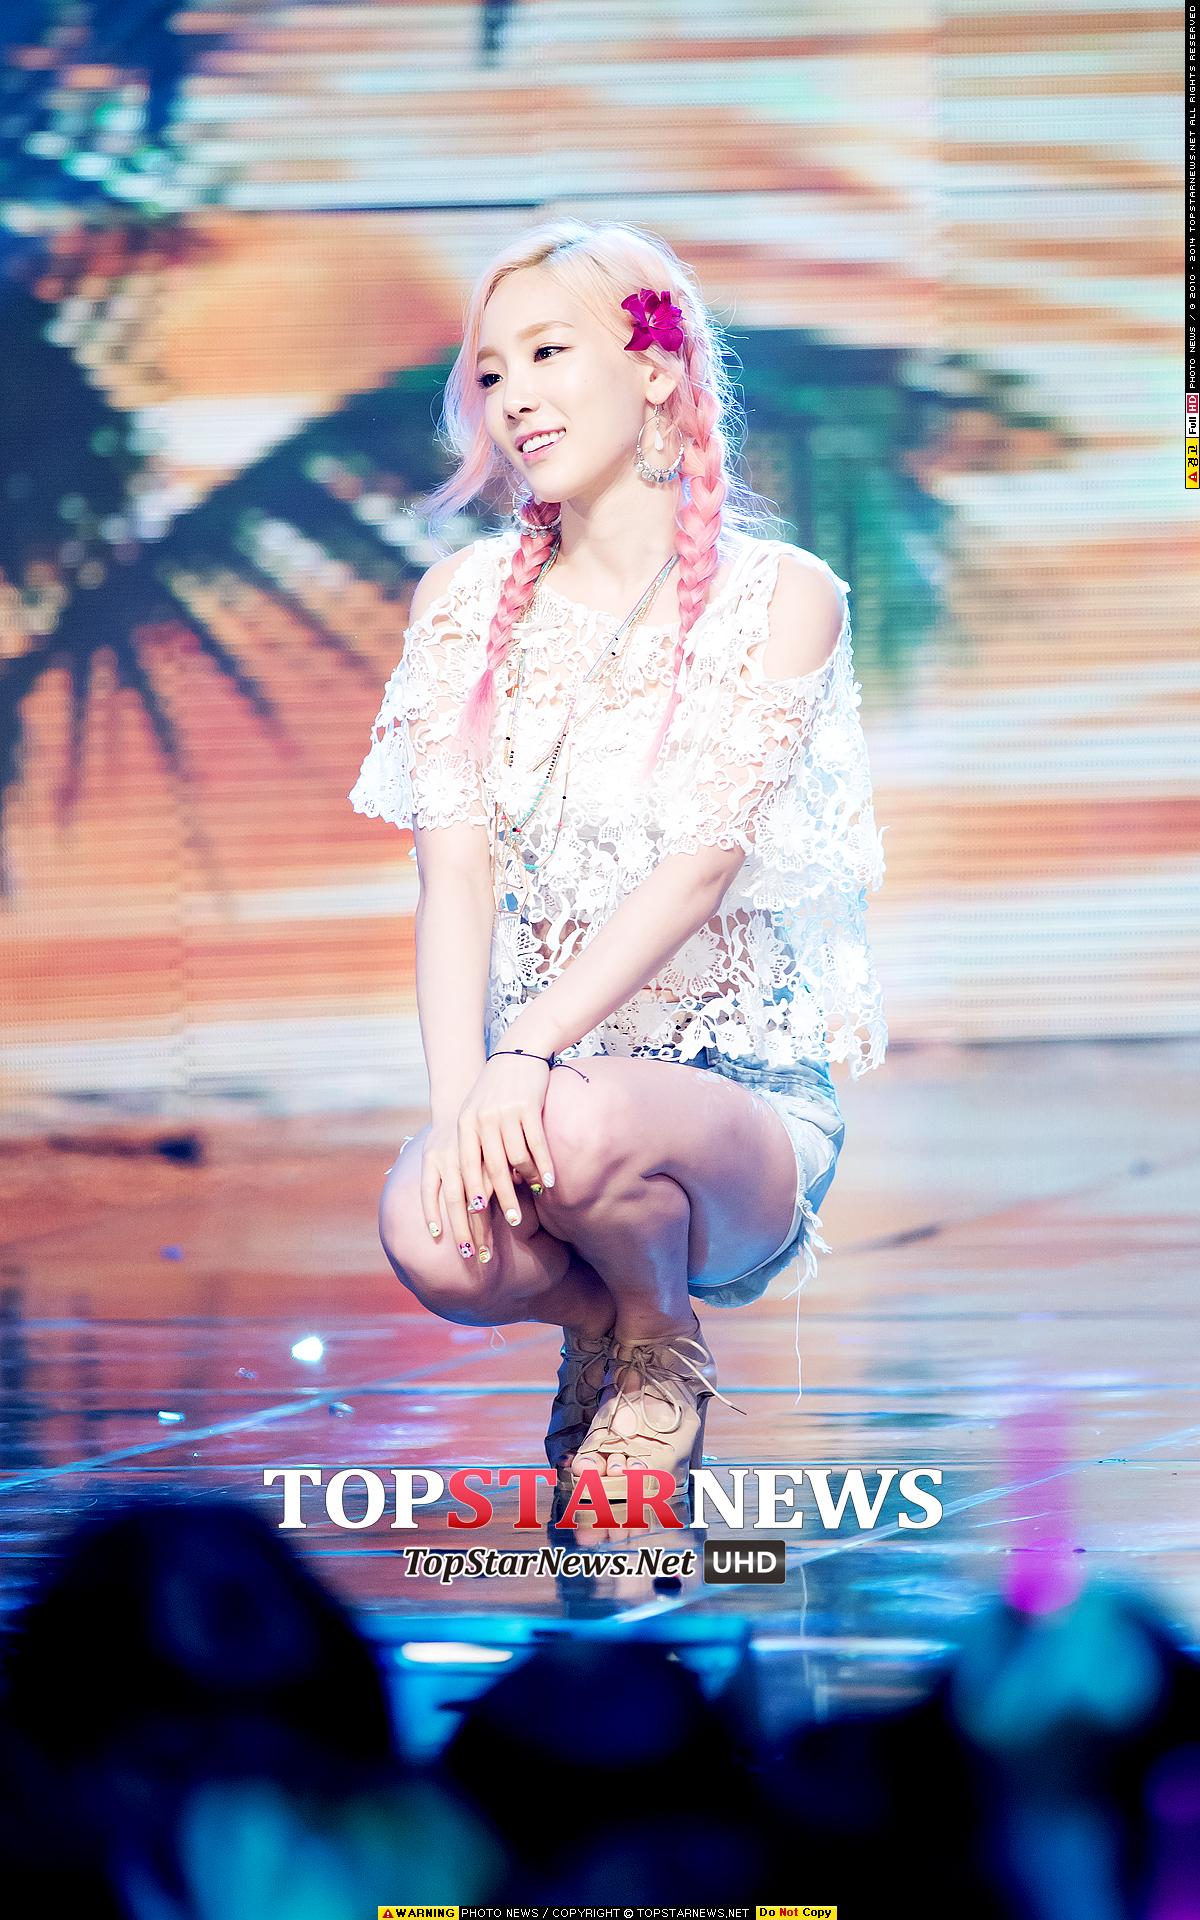 少女時代的太妍在 party 宣傳的時候,也有染上粉紅色漸層喔!